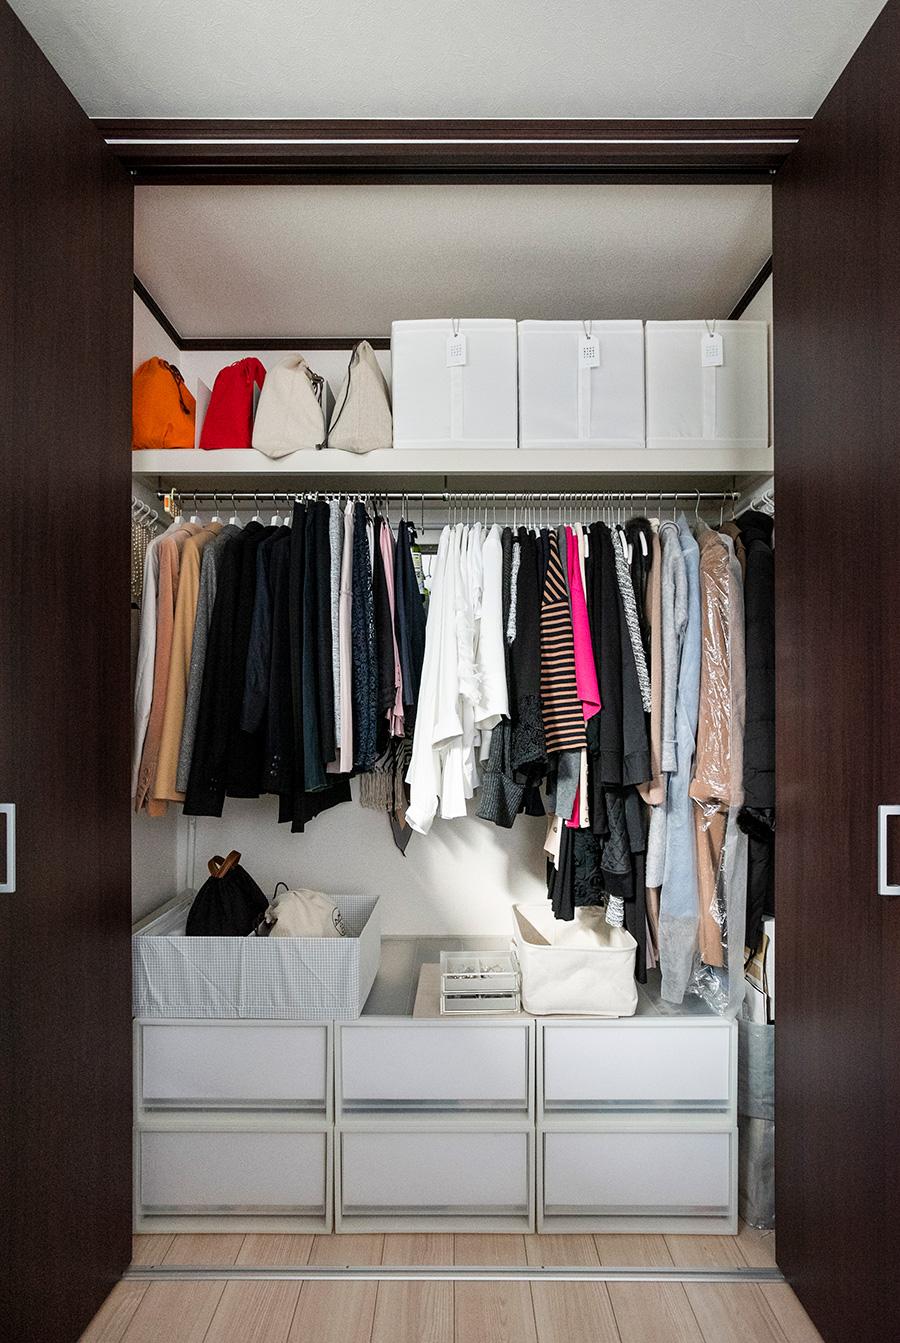 オールシーズンを通して服とバッグはここに収まるだけ。季節外のトップスのみ、タグを付けて上段の布のボックスに。カバンはブックエンドで立たせている。